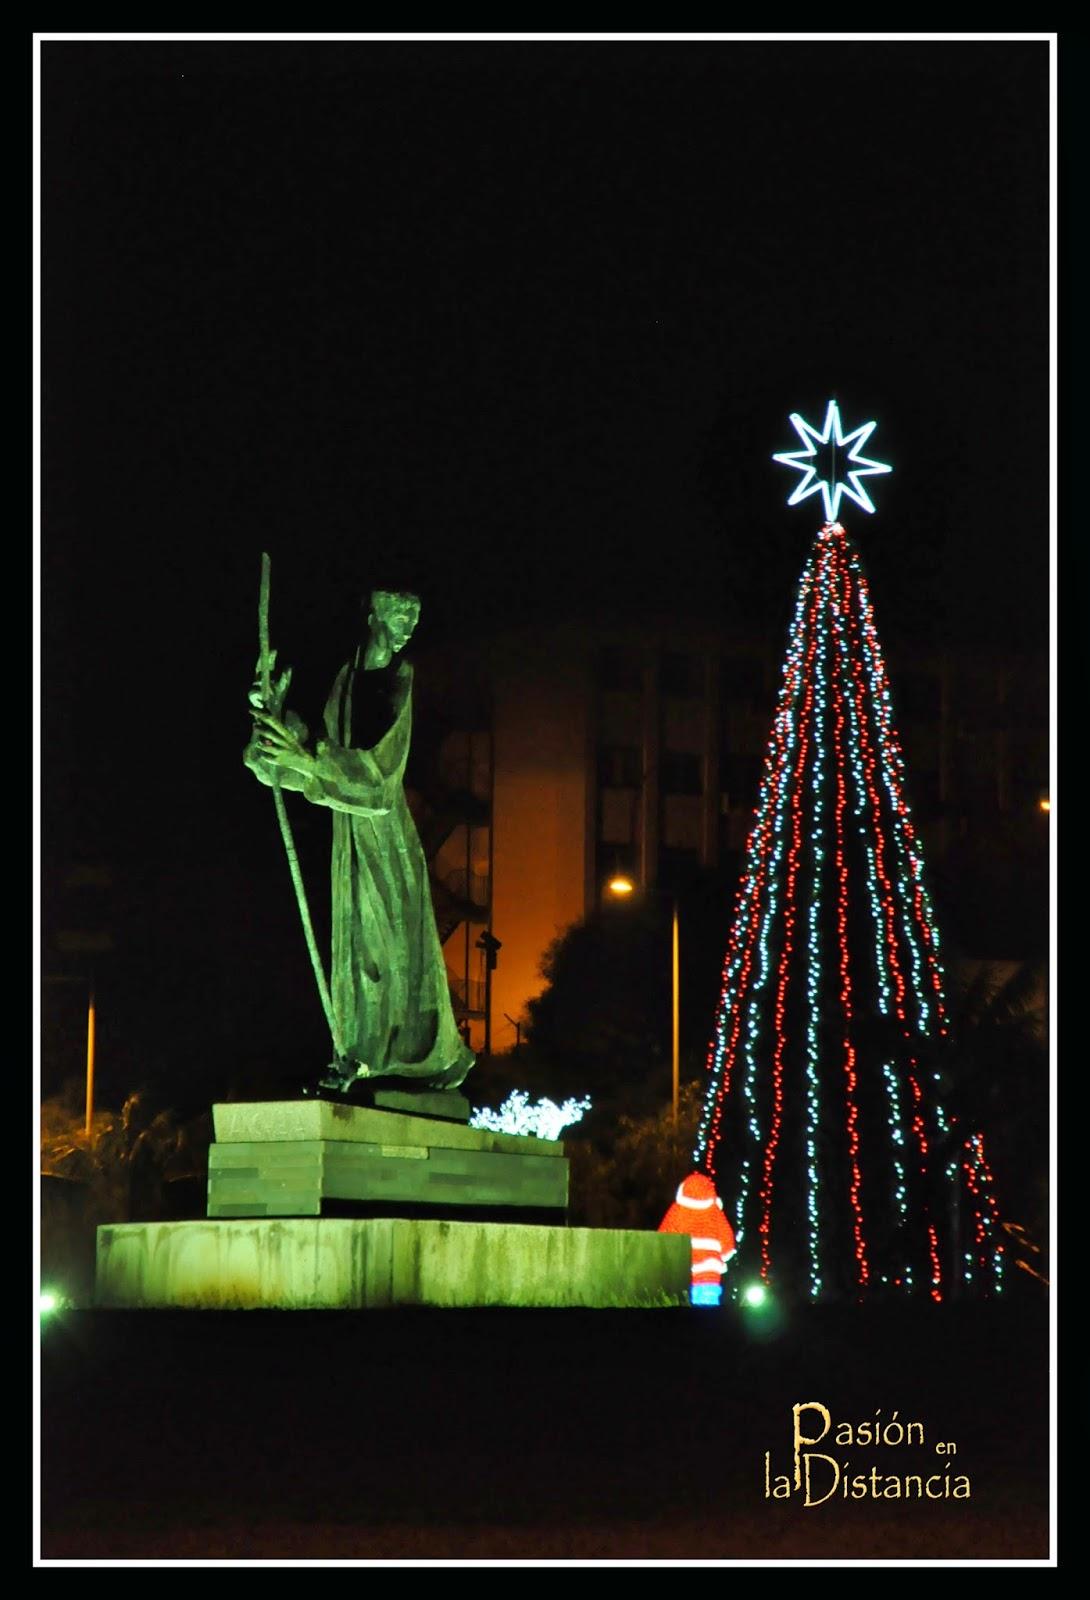 Iluminación Navidad 2014 San Cristóbal de La Laguna